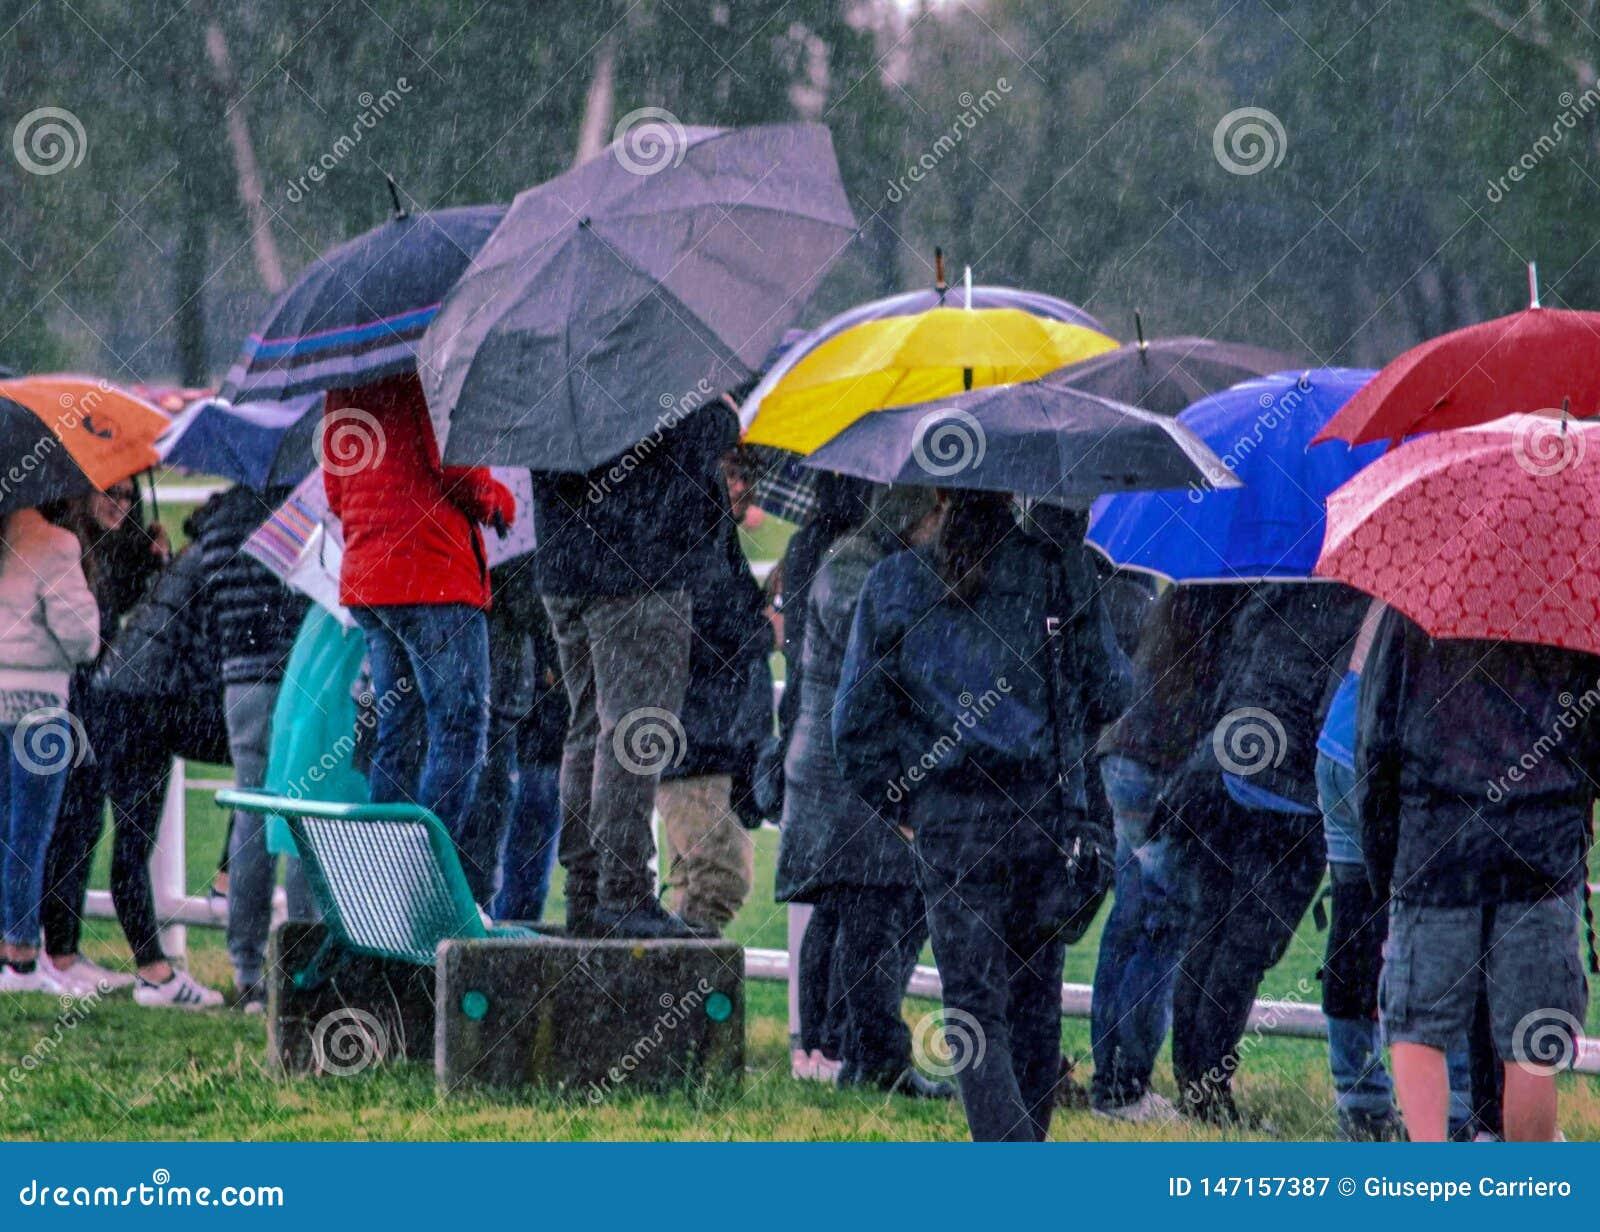 Regen, mensen die op een jeugdig spel van modder en regen enkel letten om hun kinderen te volgen